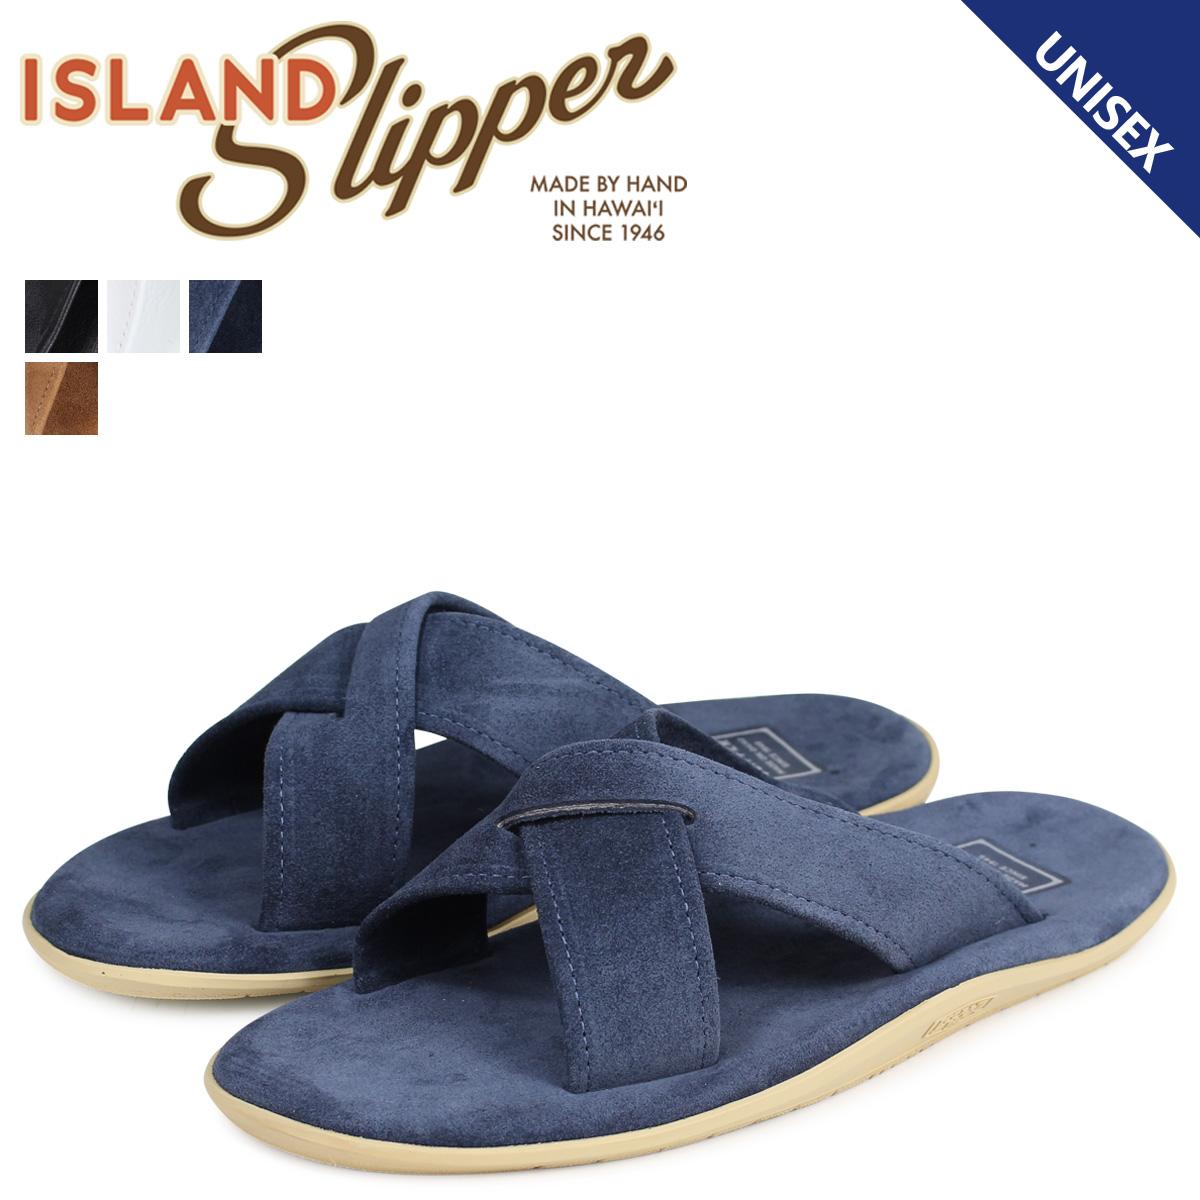 ISLAND SLIPPER アイランドスリッパ サンダル メンズ レディース レザー スエード SLIDE PB223 PT223 [4/5 追加入荷]